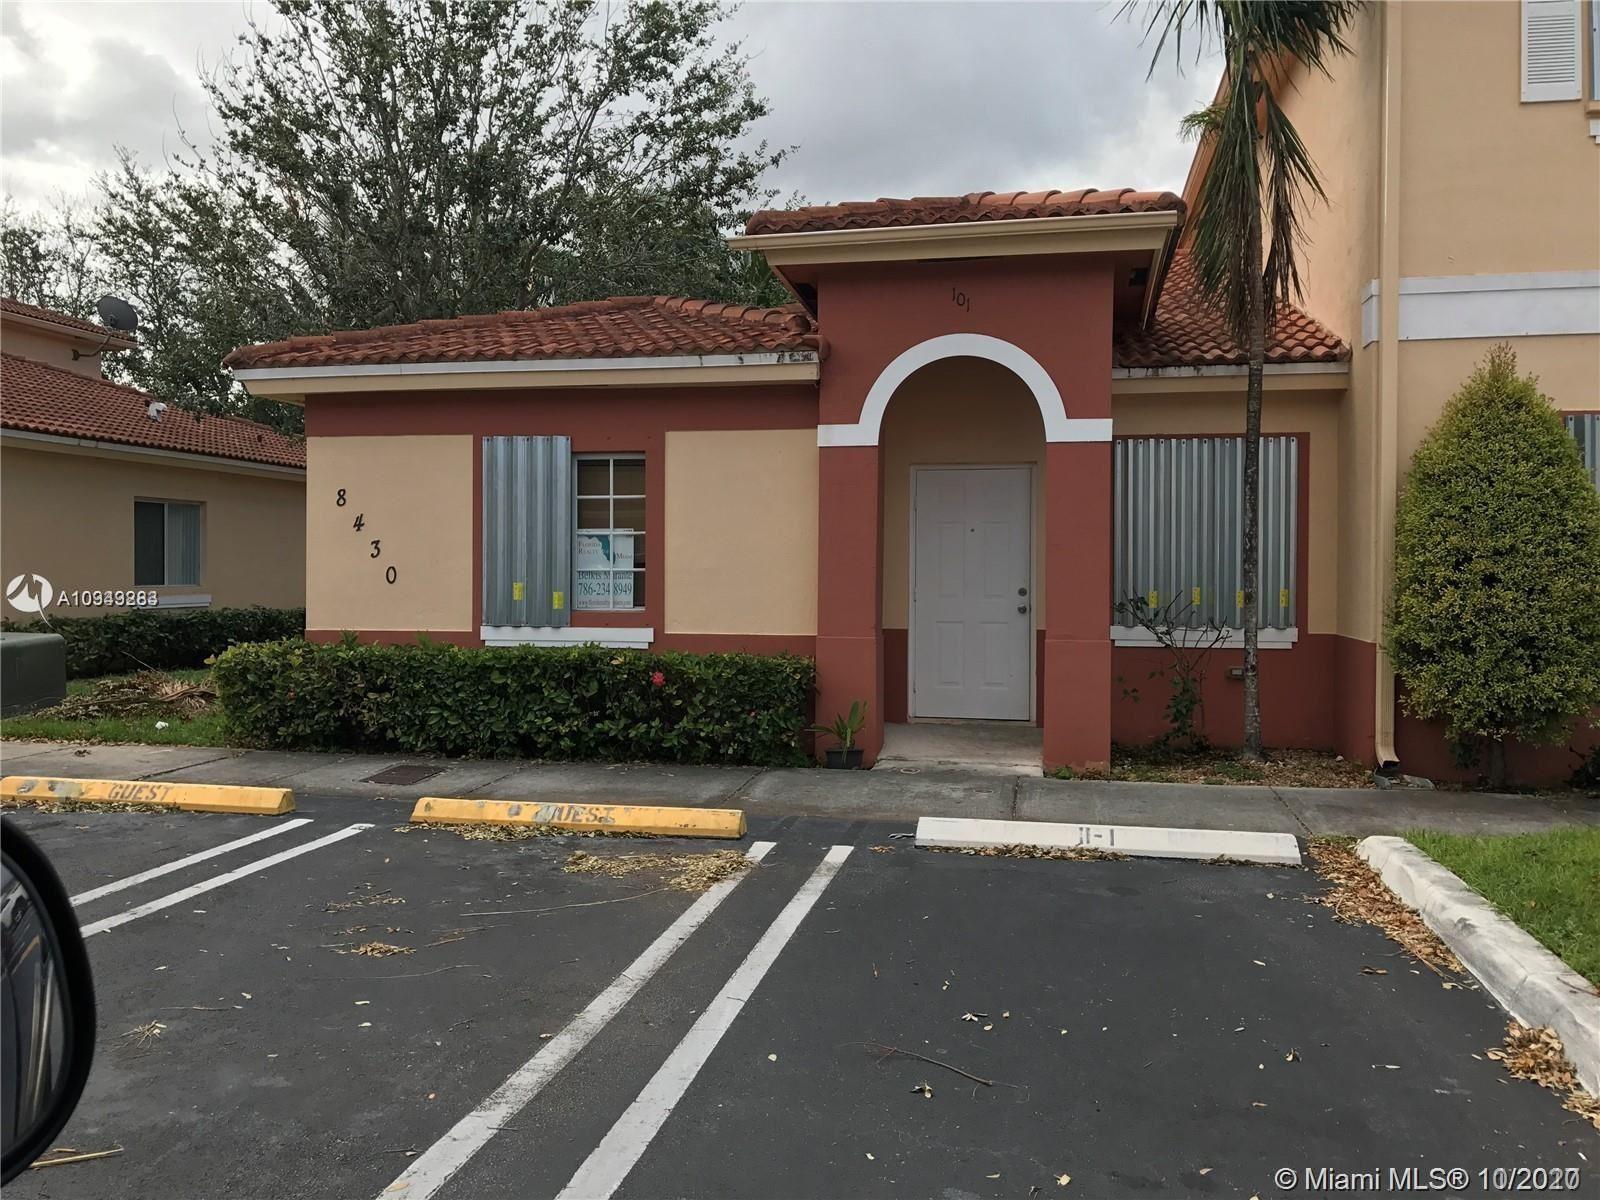 8430 SW 150th Ave, Miami, FL 33193 - #: A10949283